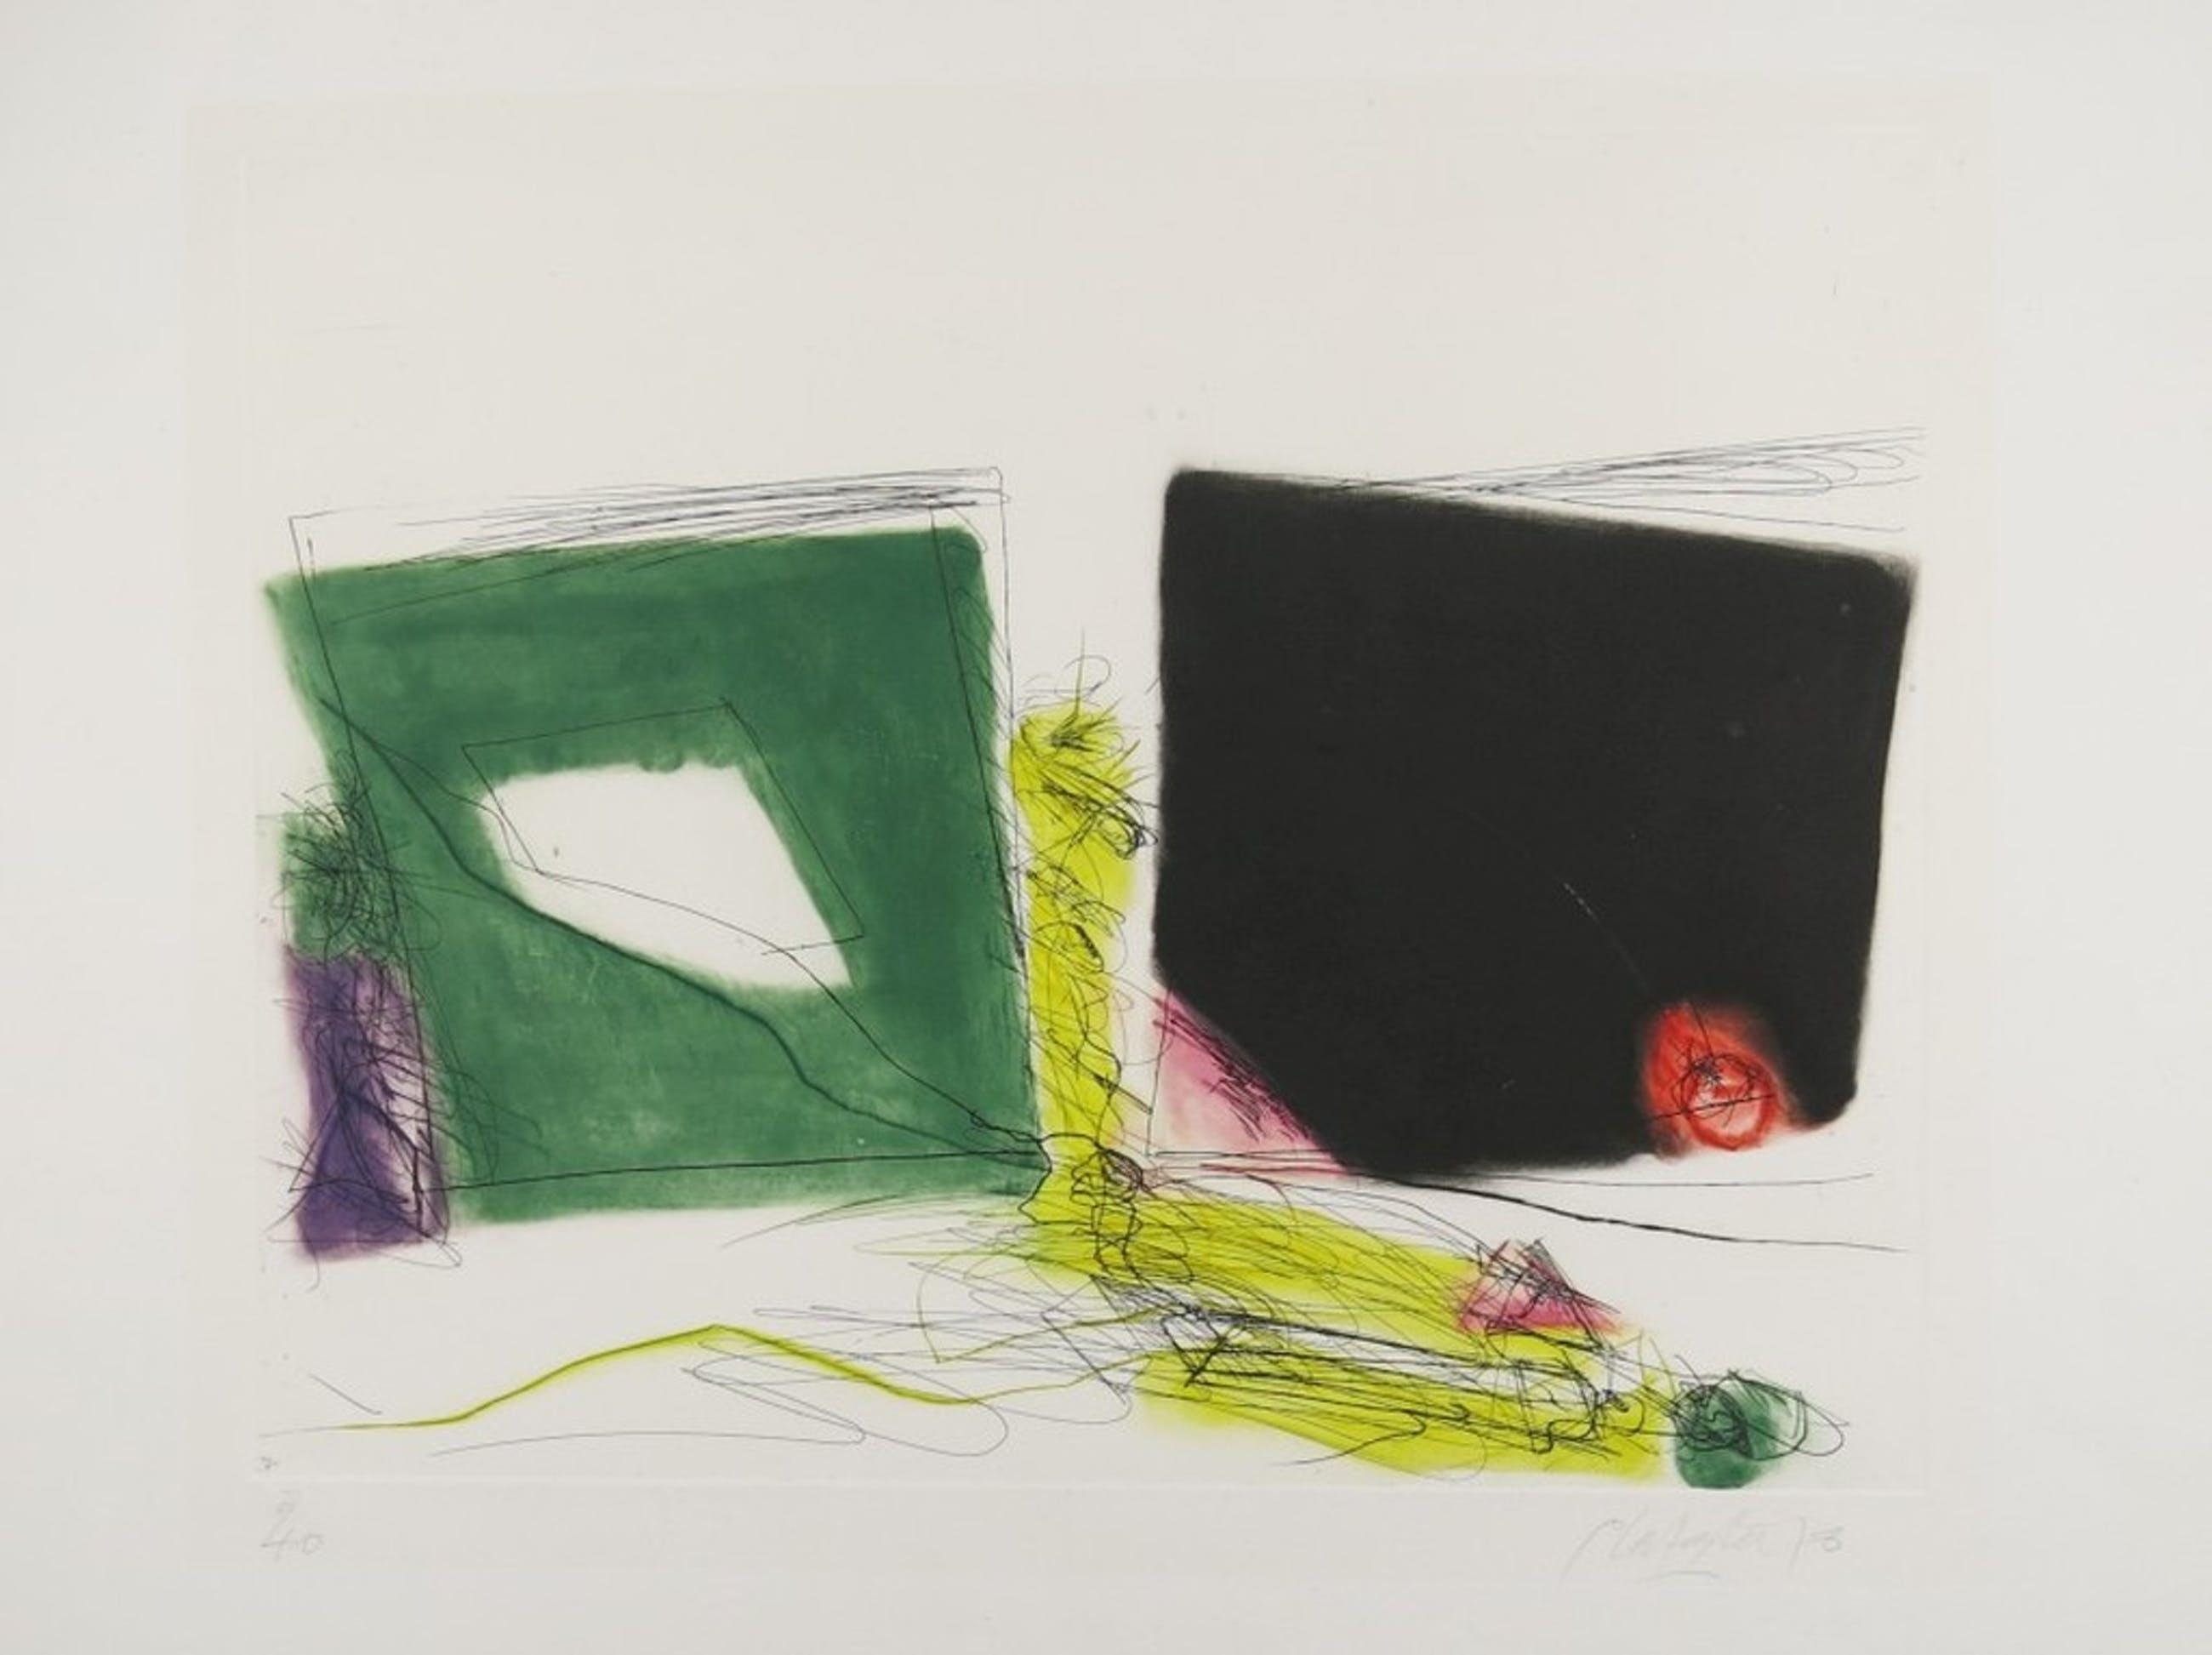 Ger Lataster: Kleurenets, Abstracte compositie kopen? Bied vanaf 100!